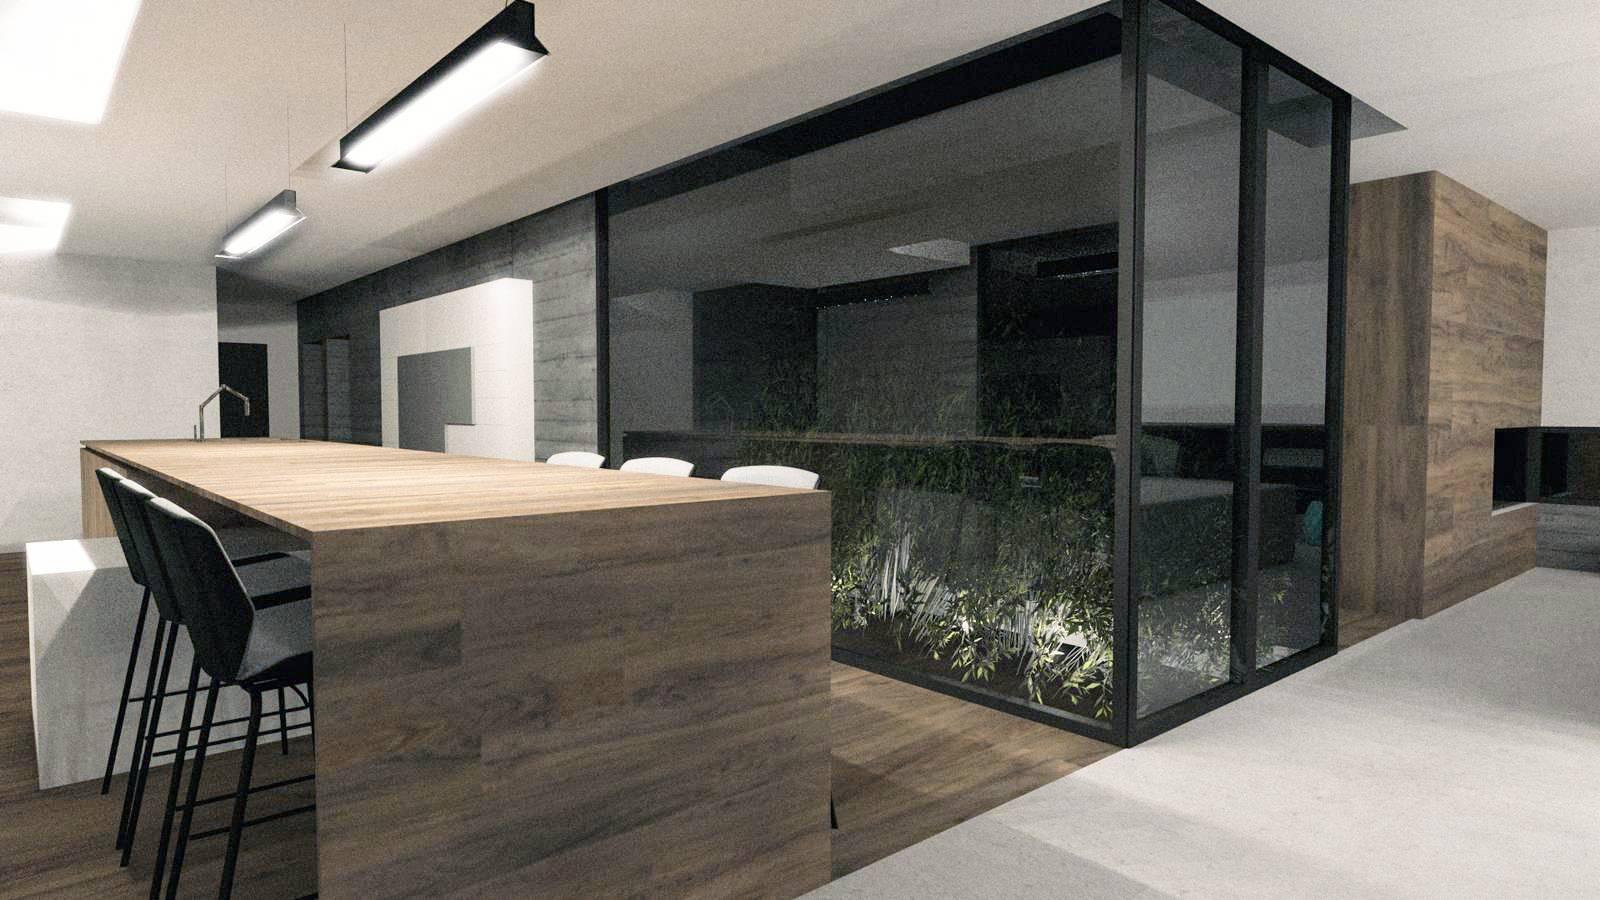 Agencement Interieur De La Maison Contemporaine L A Limonest Dans Le Rhone Architecte Pour Construction Et Renovation D Interieur A Lyon A2 Sb